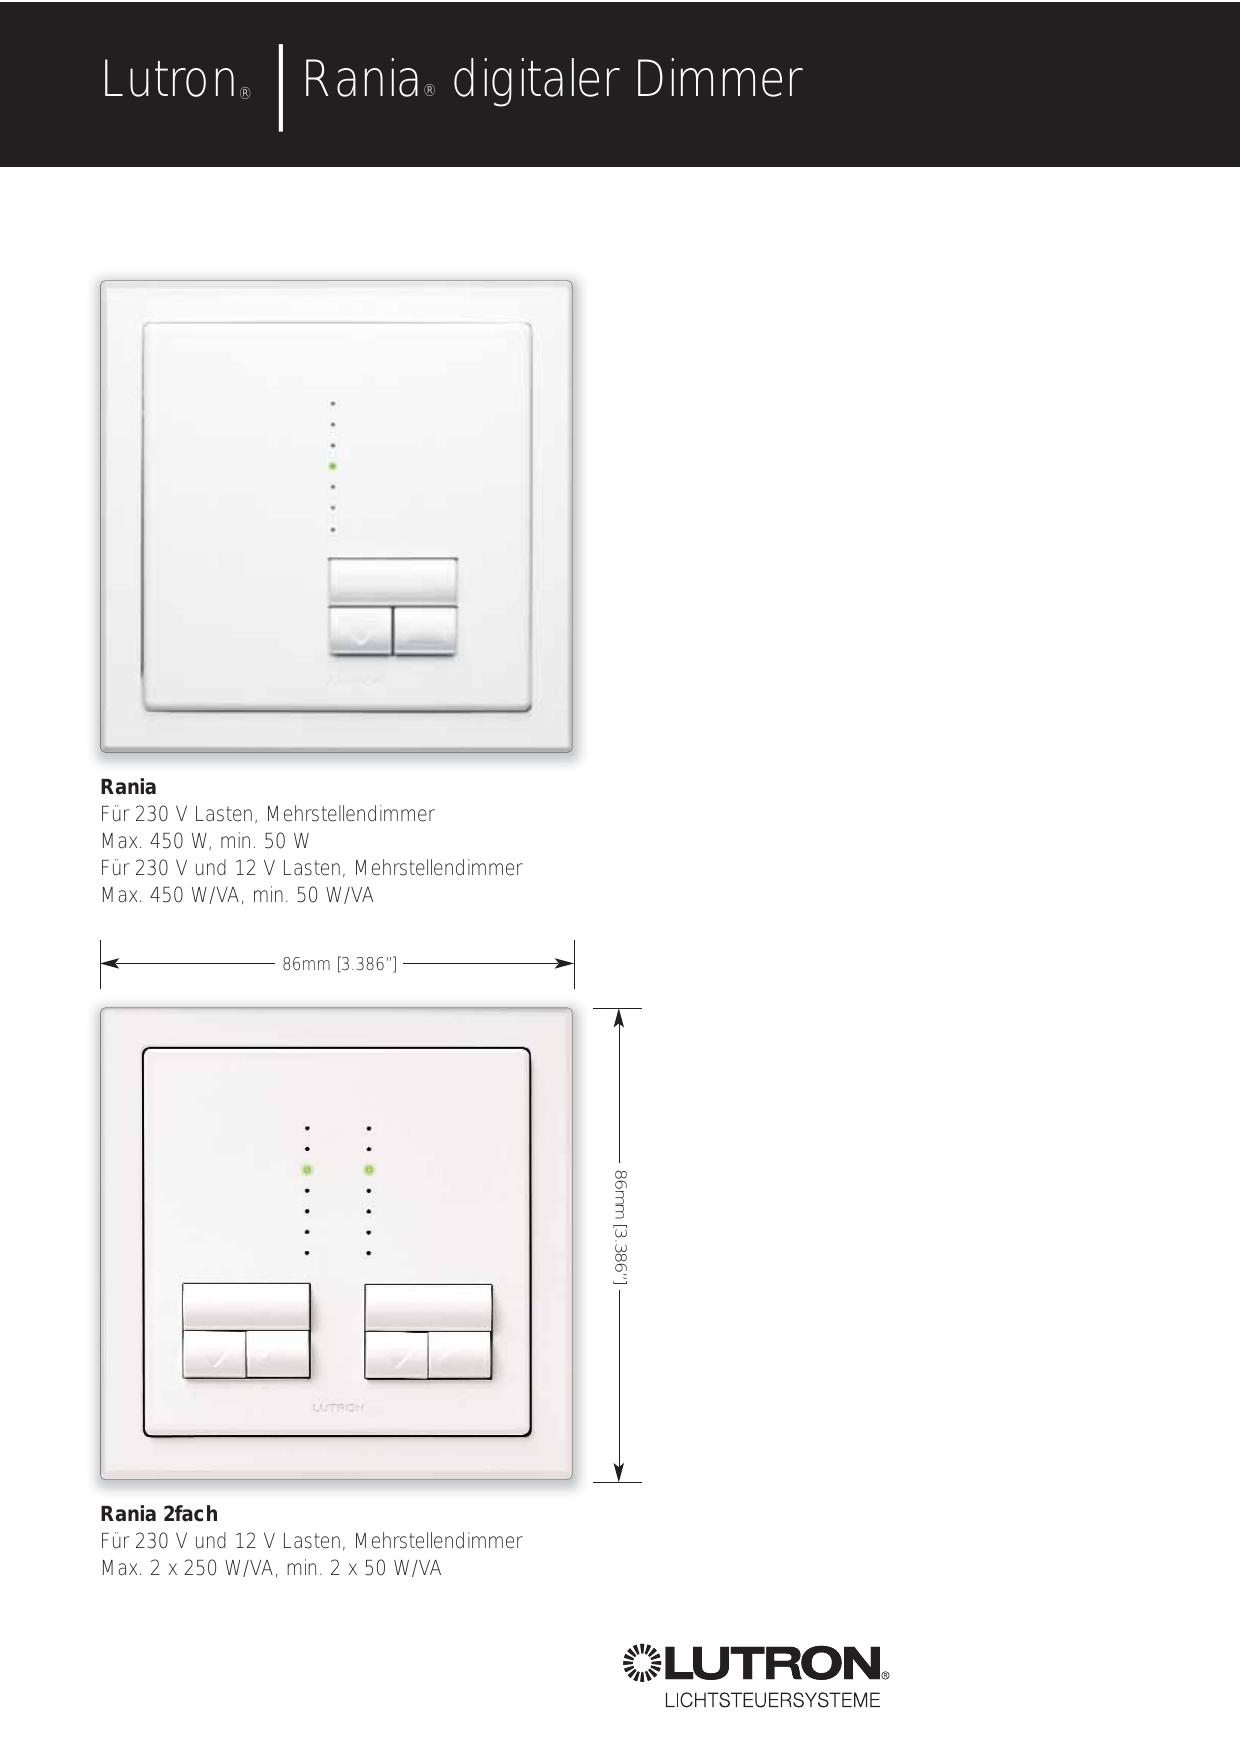 Ungewöhnlich Lutron 4 Wege Schaltplan Galerie - Elektrische ...